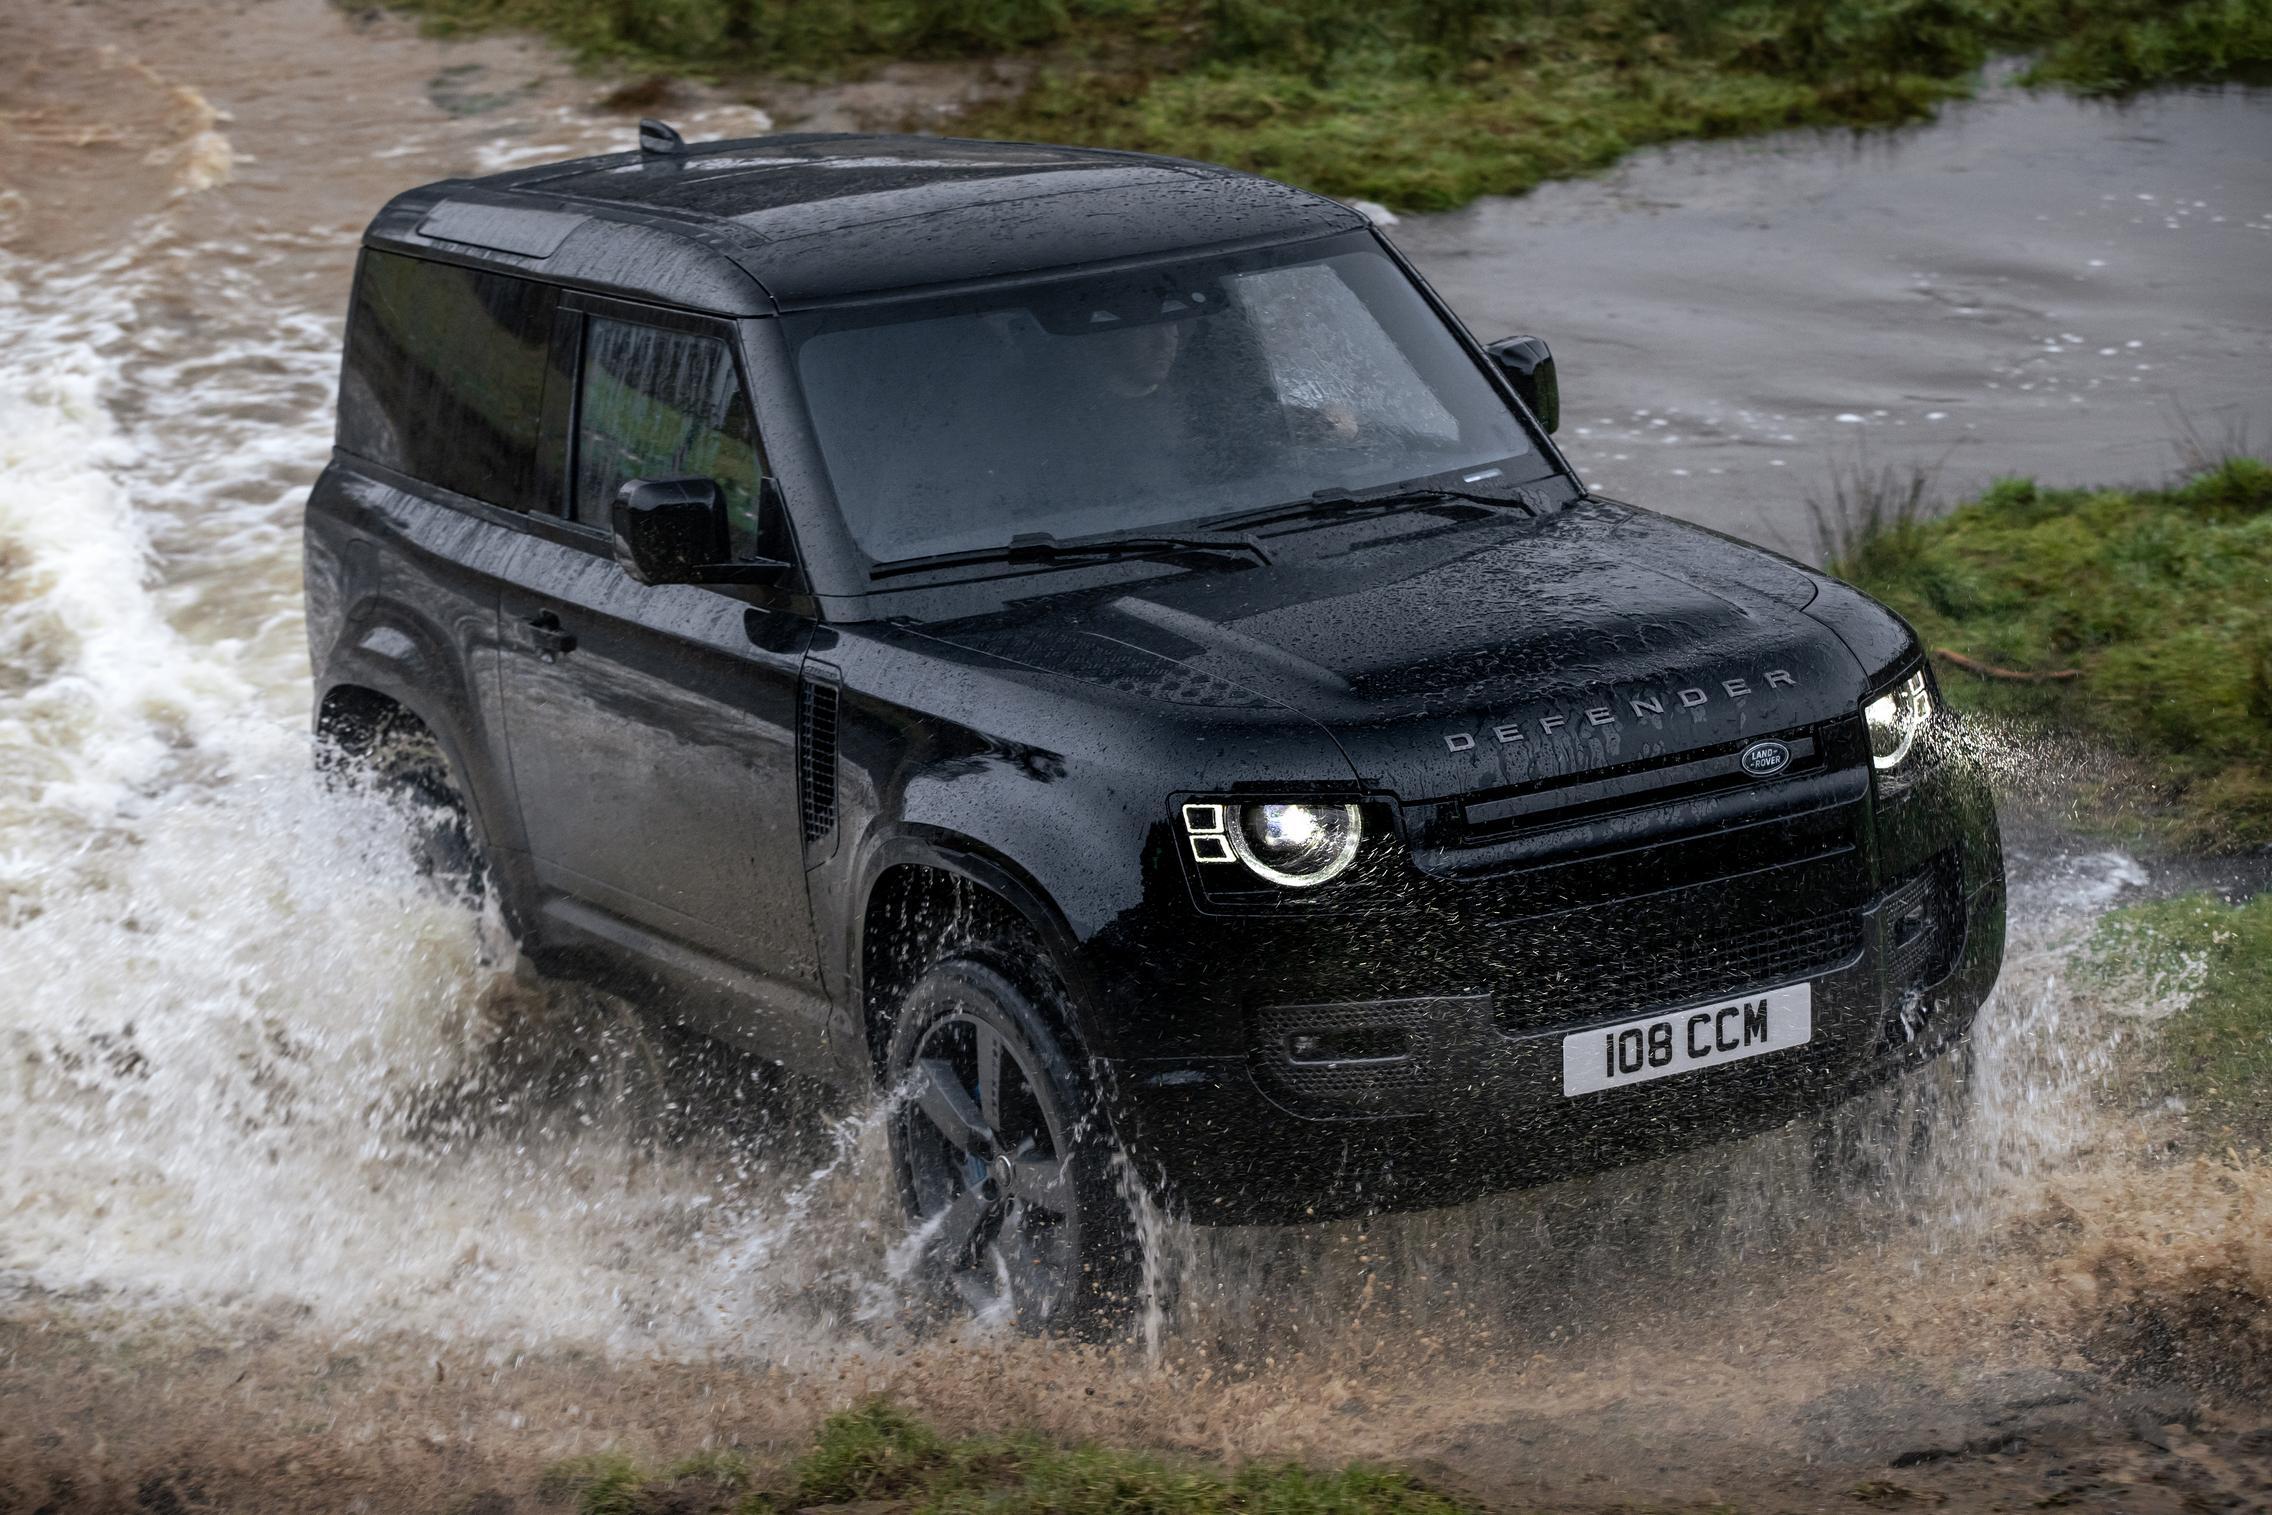 Land Rover Defender 90 V8 water